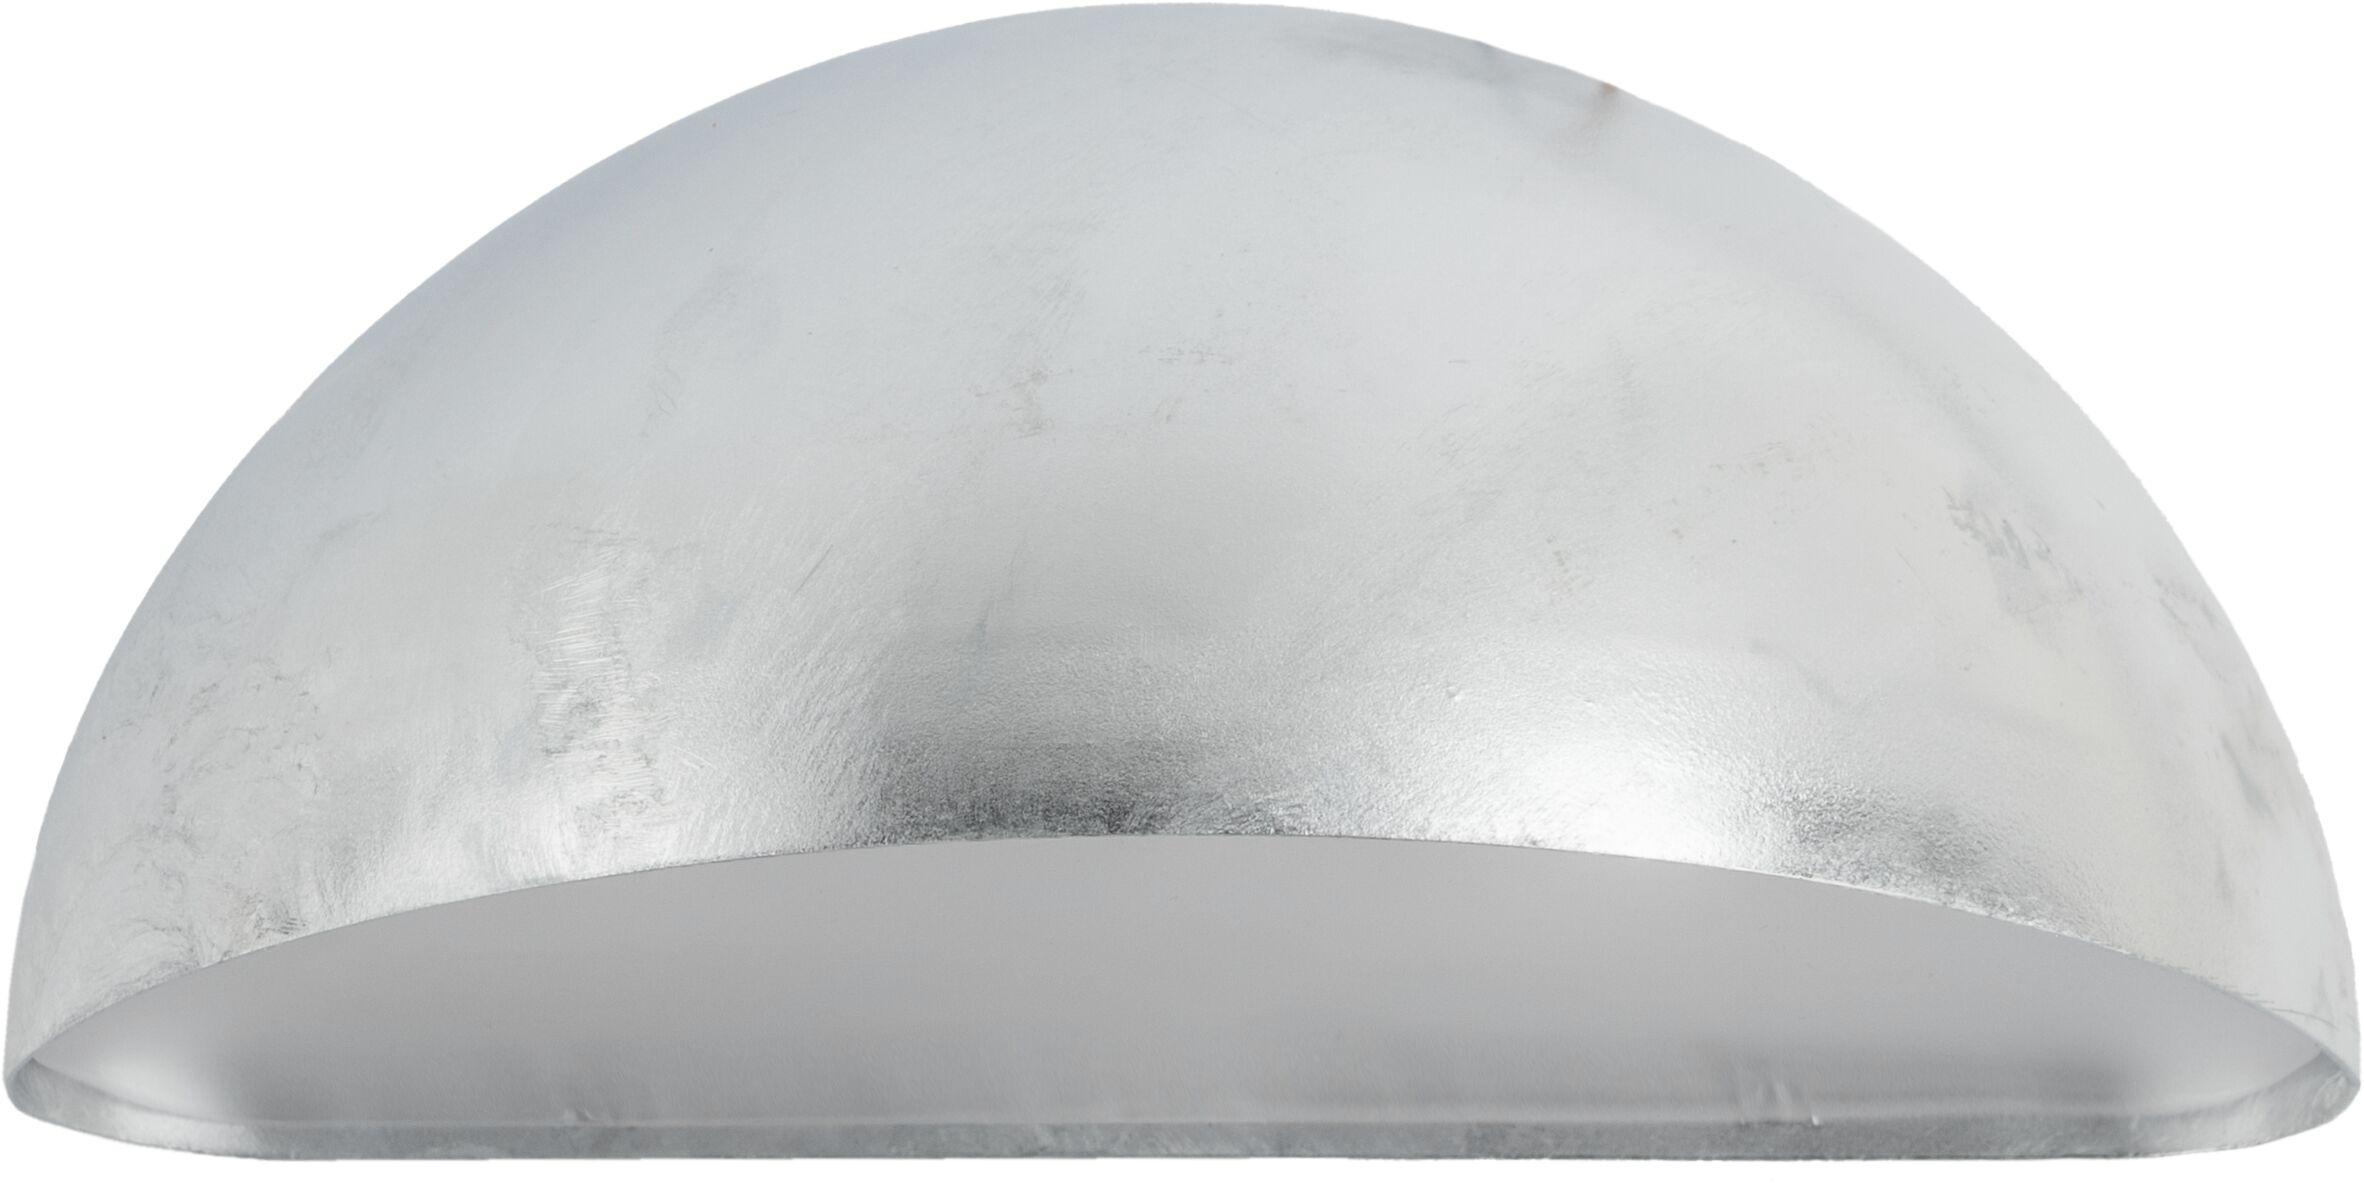 Kinkiet PARIS 5039 GALVANIZED LED - Norlys  Sprawdź kupony i rabaty w koszyku  Zamów tel  533-810-034